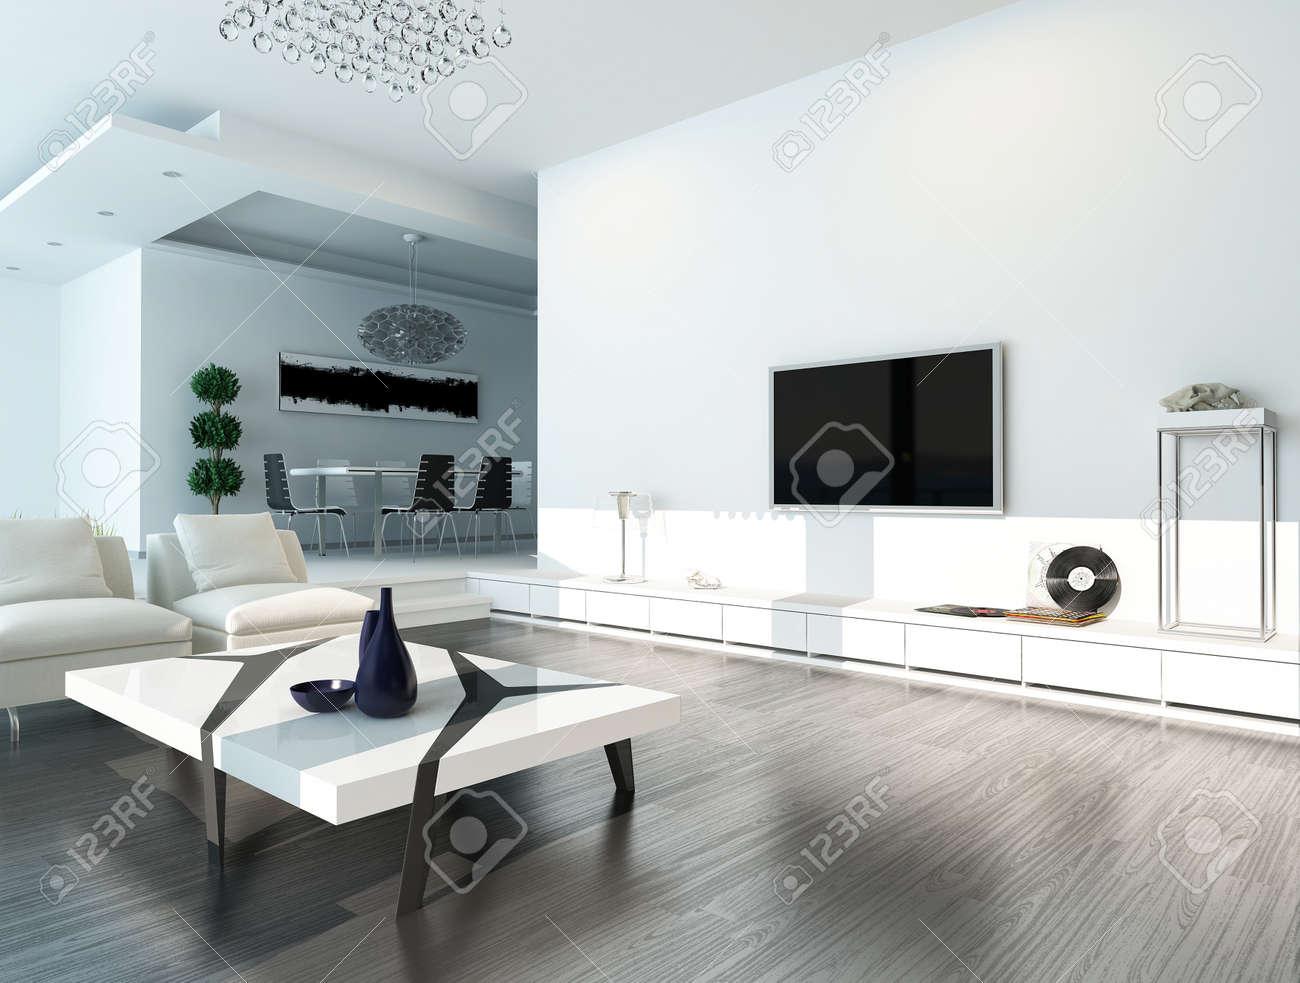 Modernes Design Wohnzimmer Innenraum Mit Weißen Couch Und Couchtisch ...